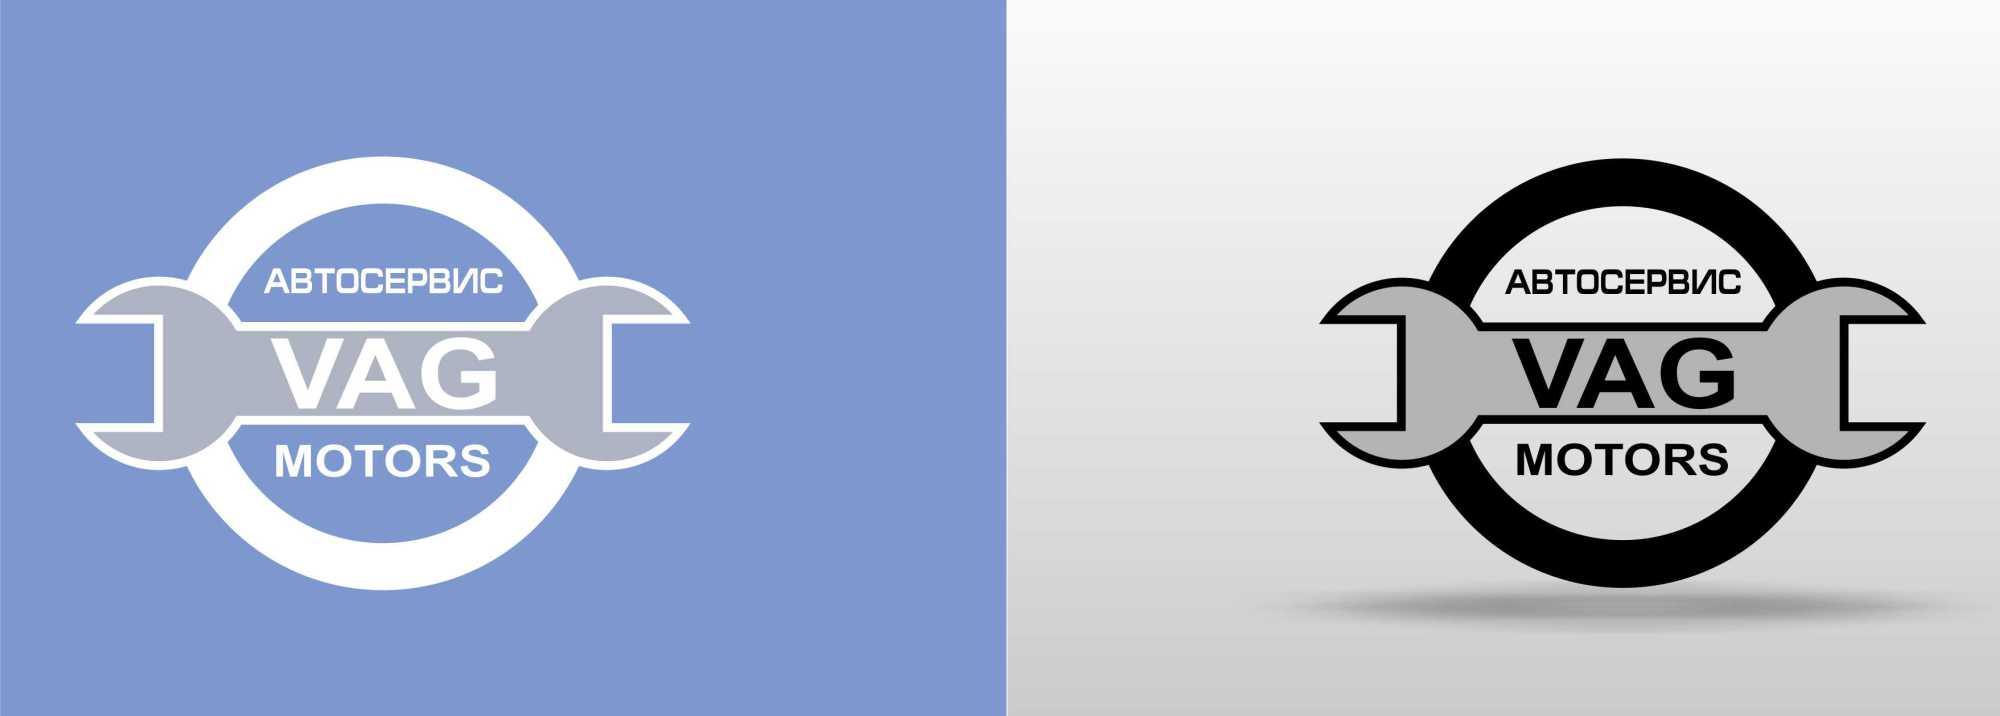 Разработать логотип автосервиса фото f_903557d71b7c7d5d.jpg